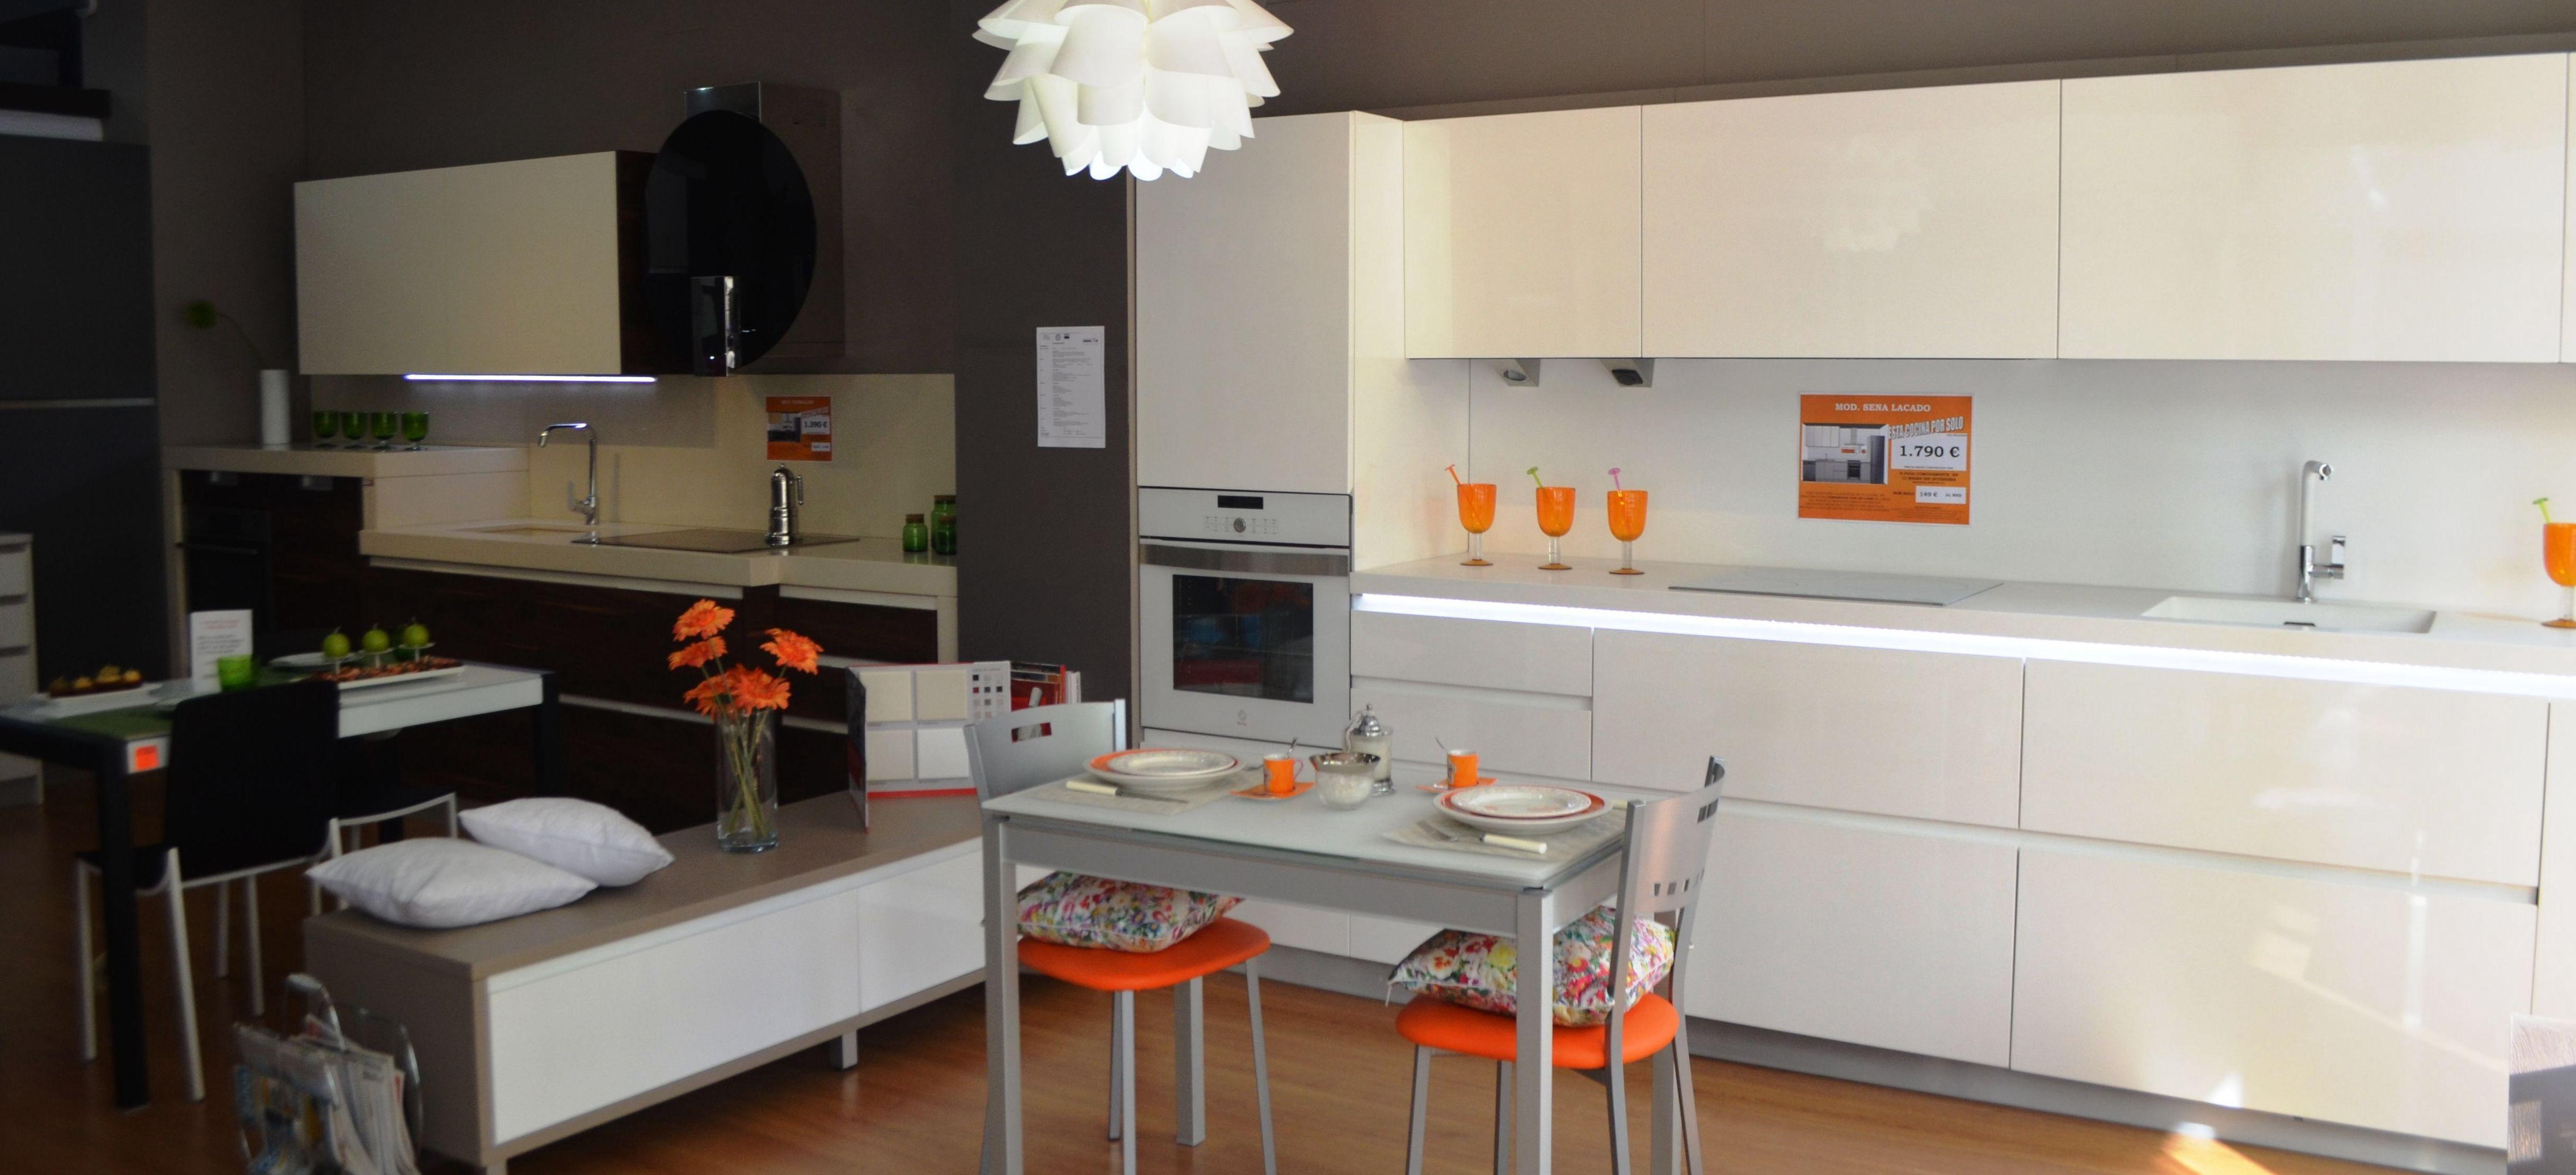 En cocinas baratas en getafe aqu hallar s un amplio for Cocinas de exposicion baratas